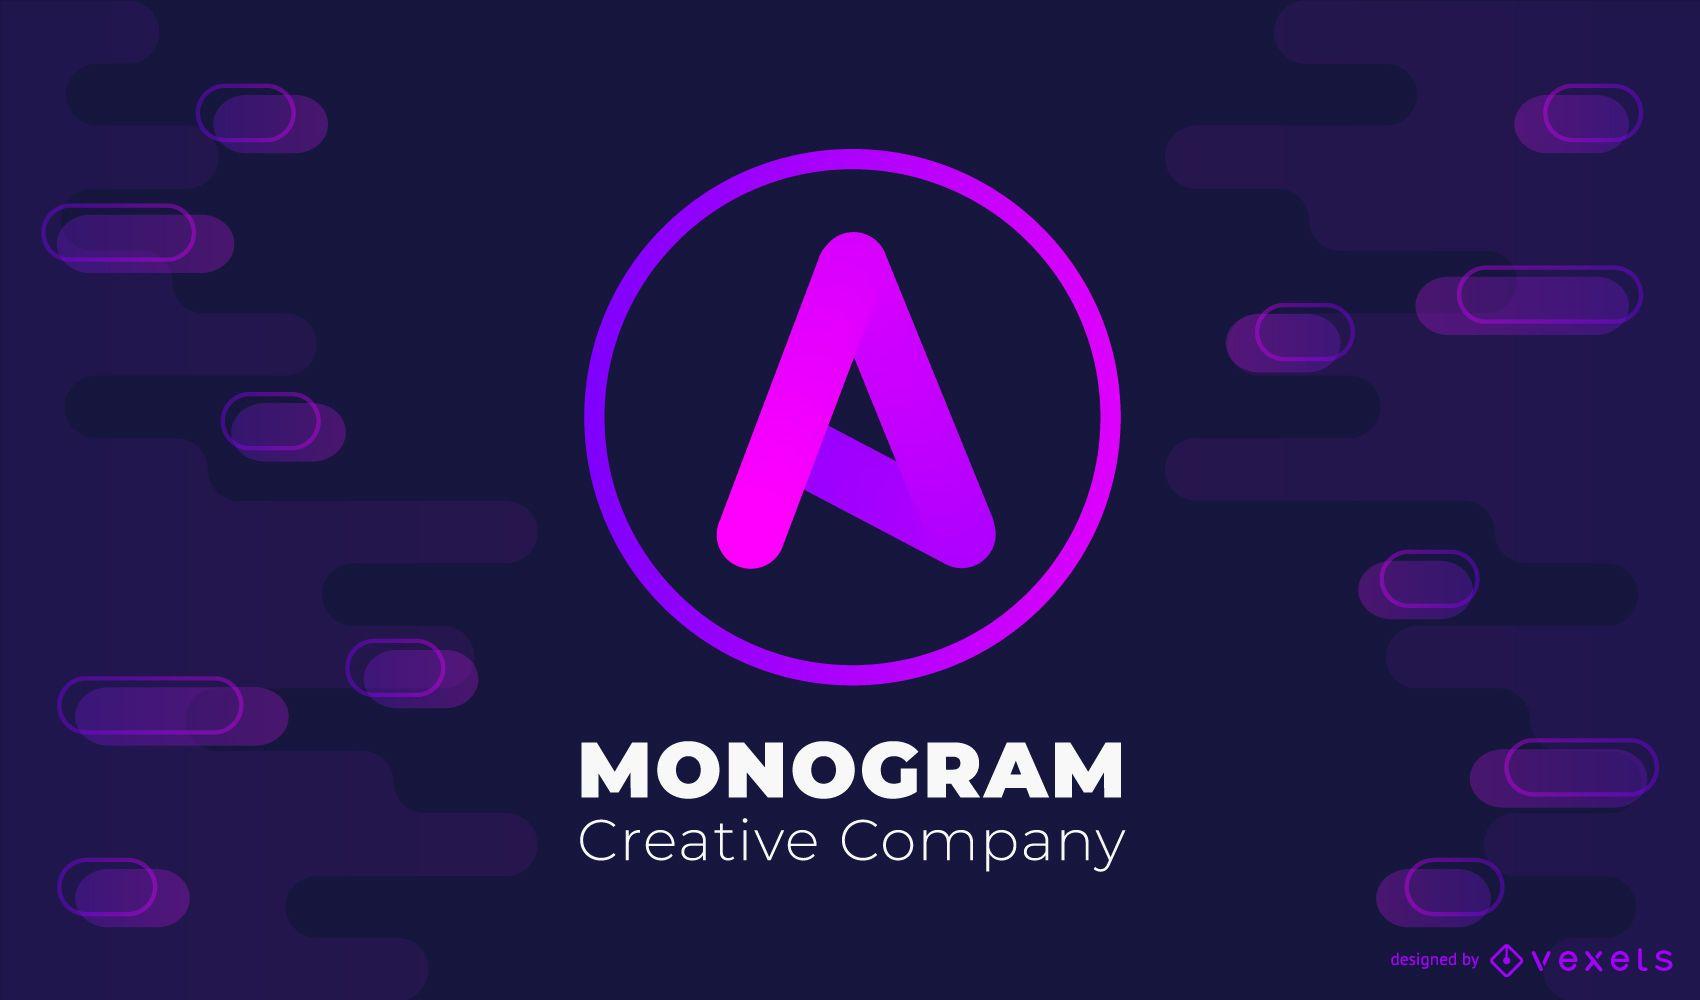 Gradient monogram logo design